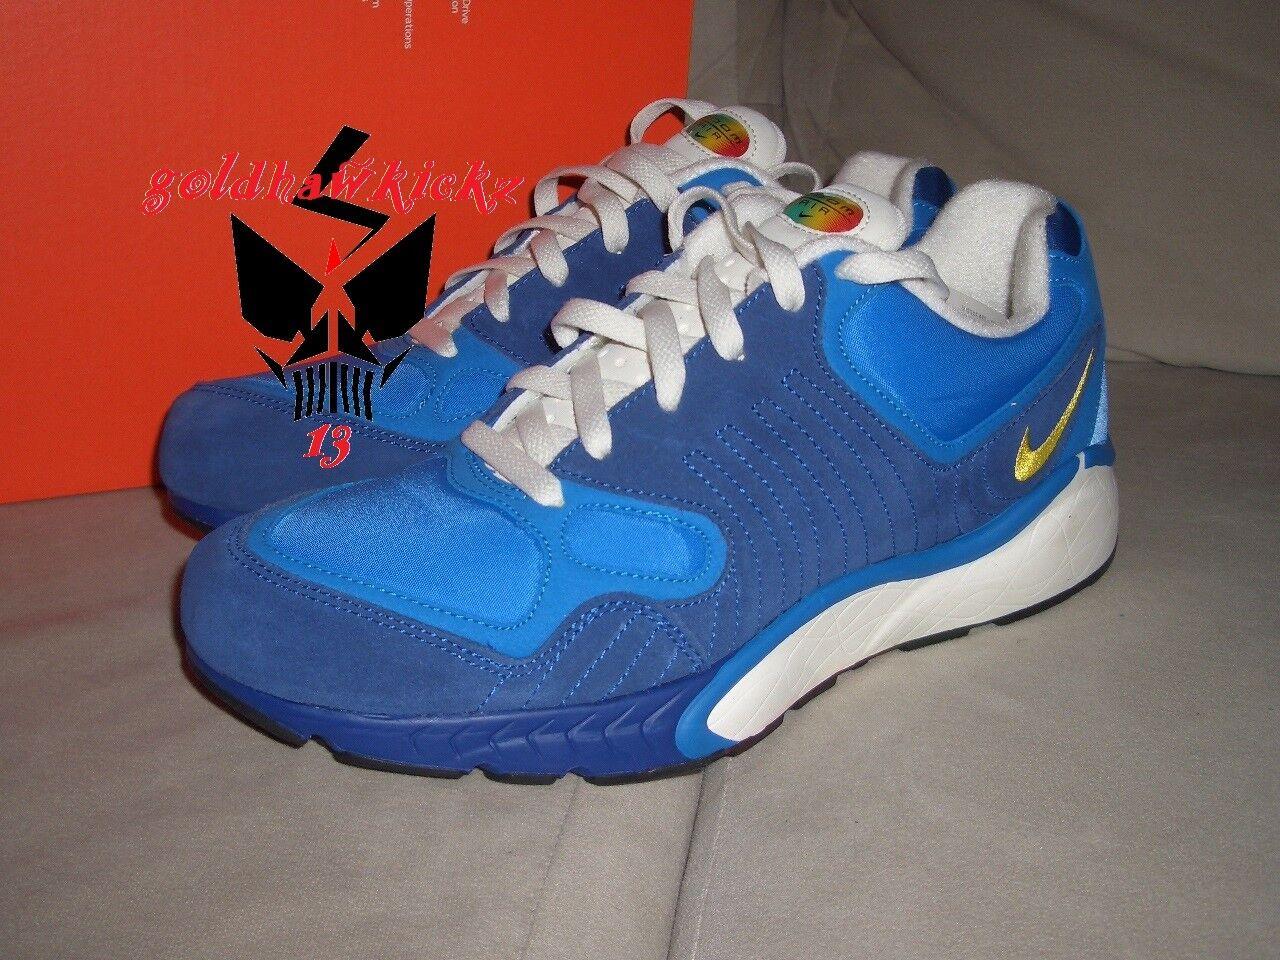 Nike zoom talaria 16 844695 401 SOAR VIVID SULFUR bluee rainbow nikelab